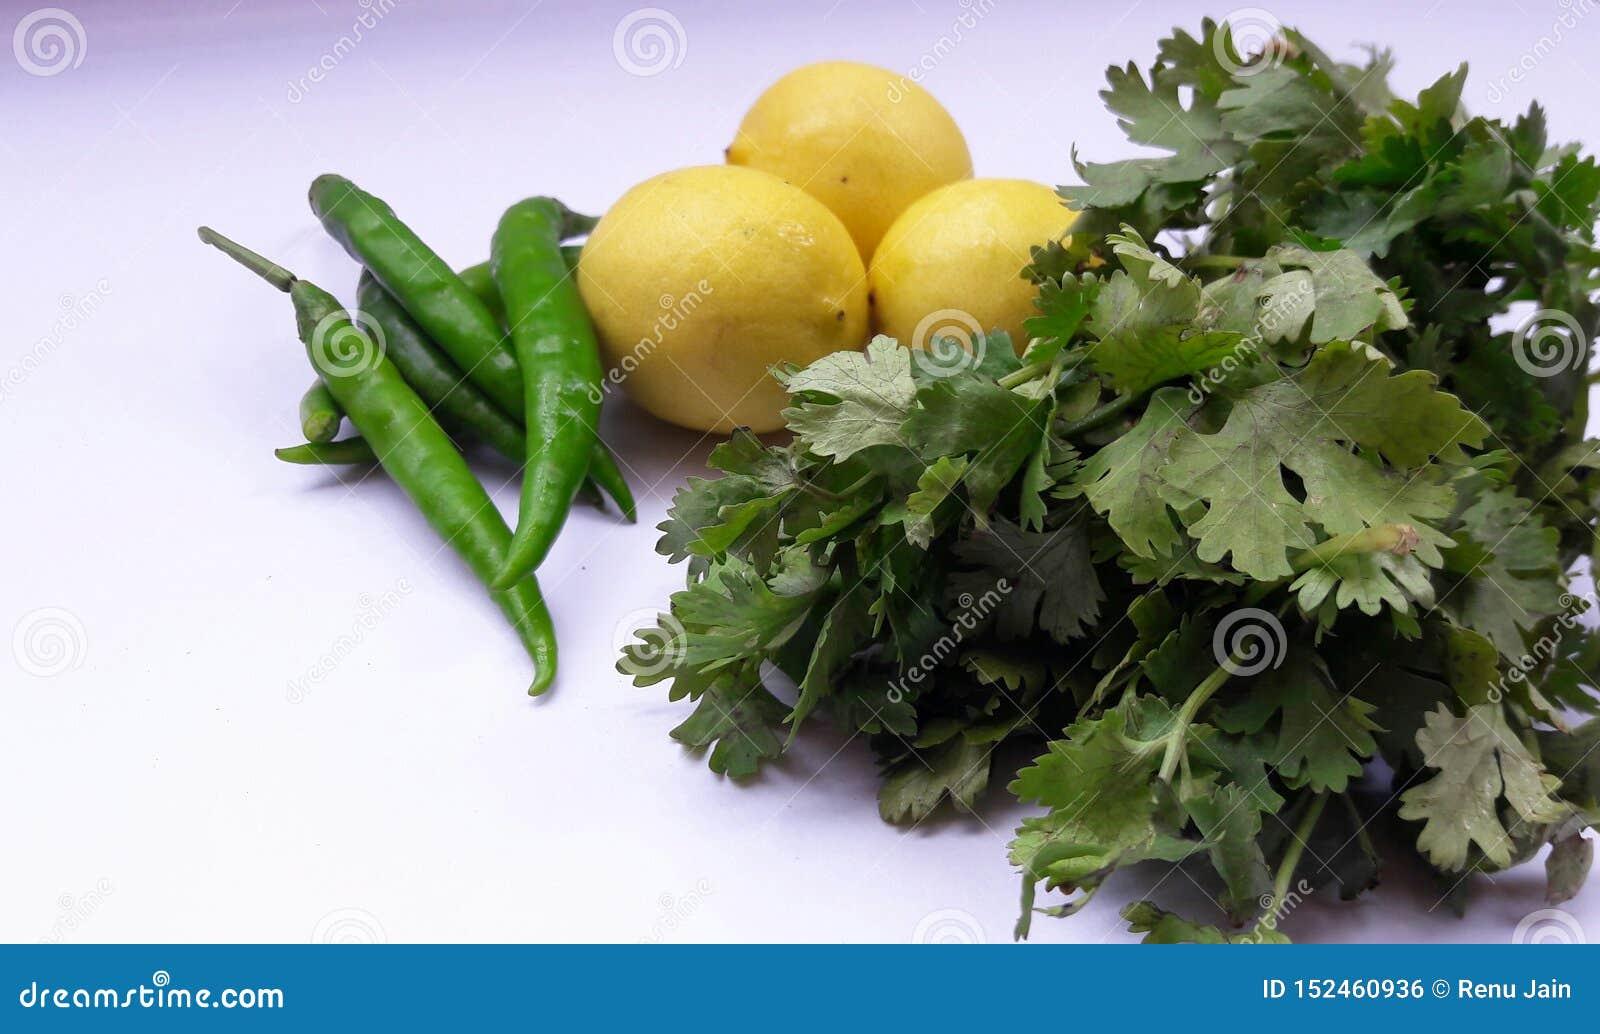 Blad för citron och för koriander för grönsakgräsplanchili som isoleras på vit backgroynd